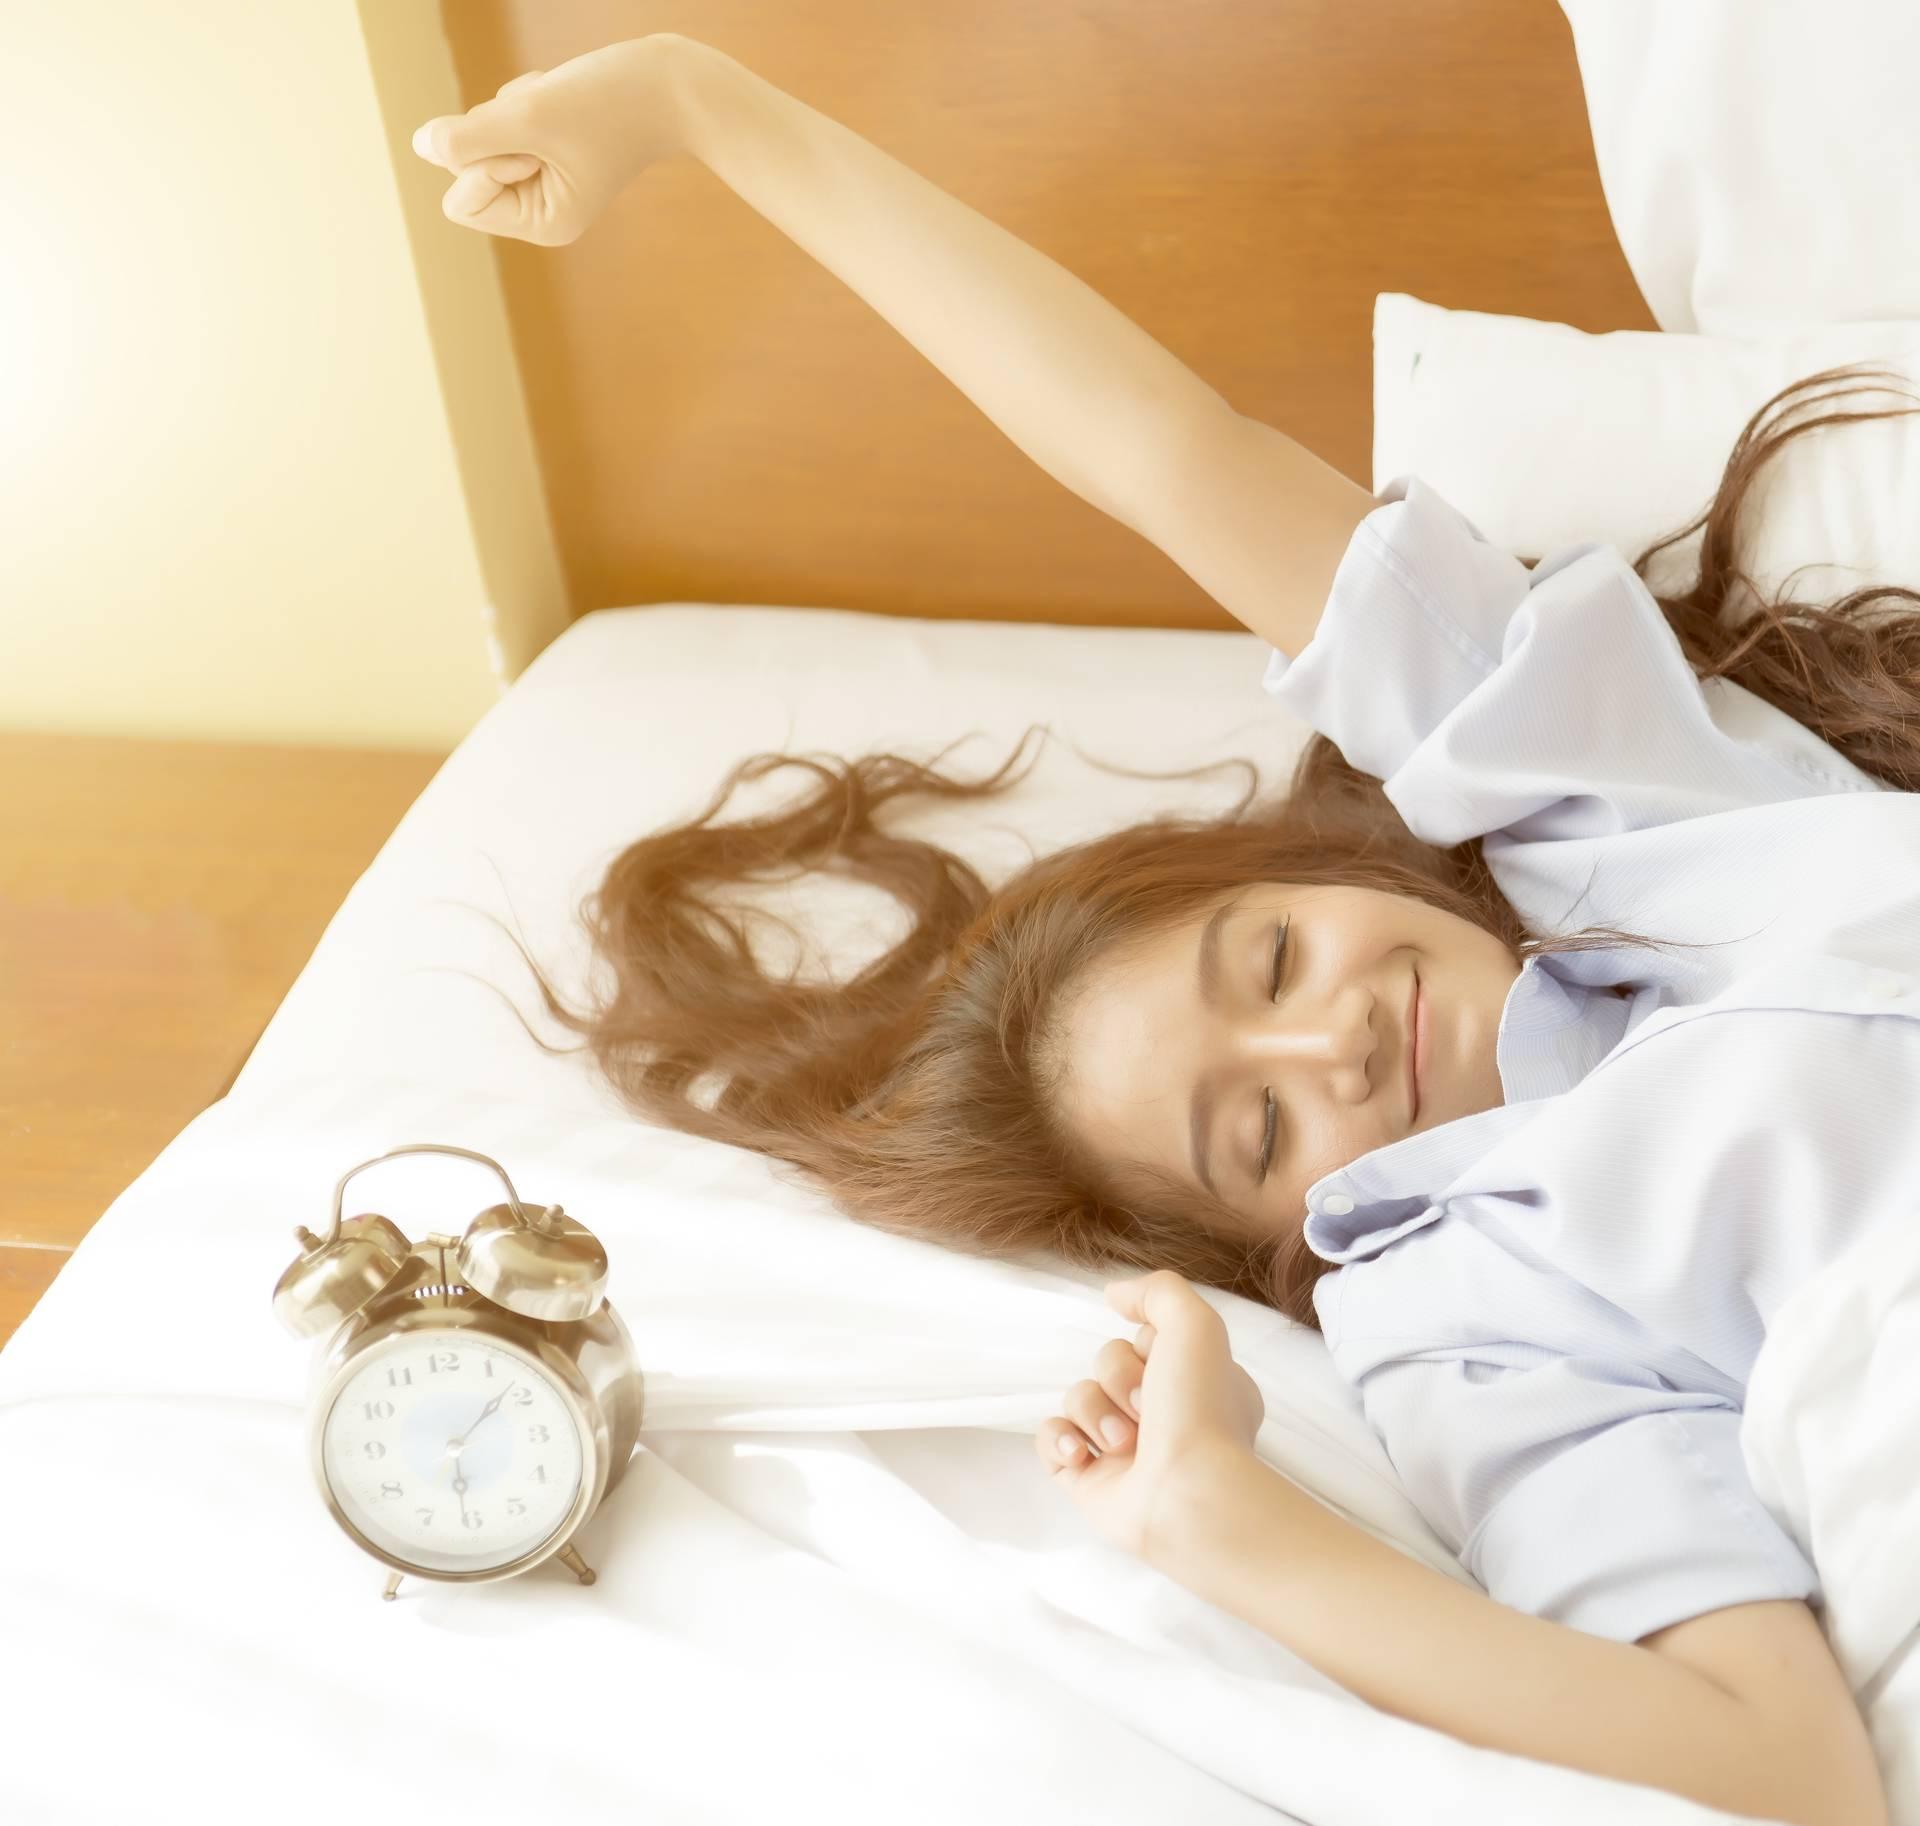 Top savjeti kako brzo zaspati i spavati kvalitetno sve do jutra